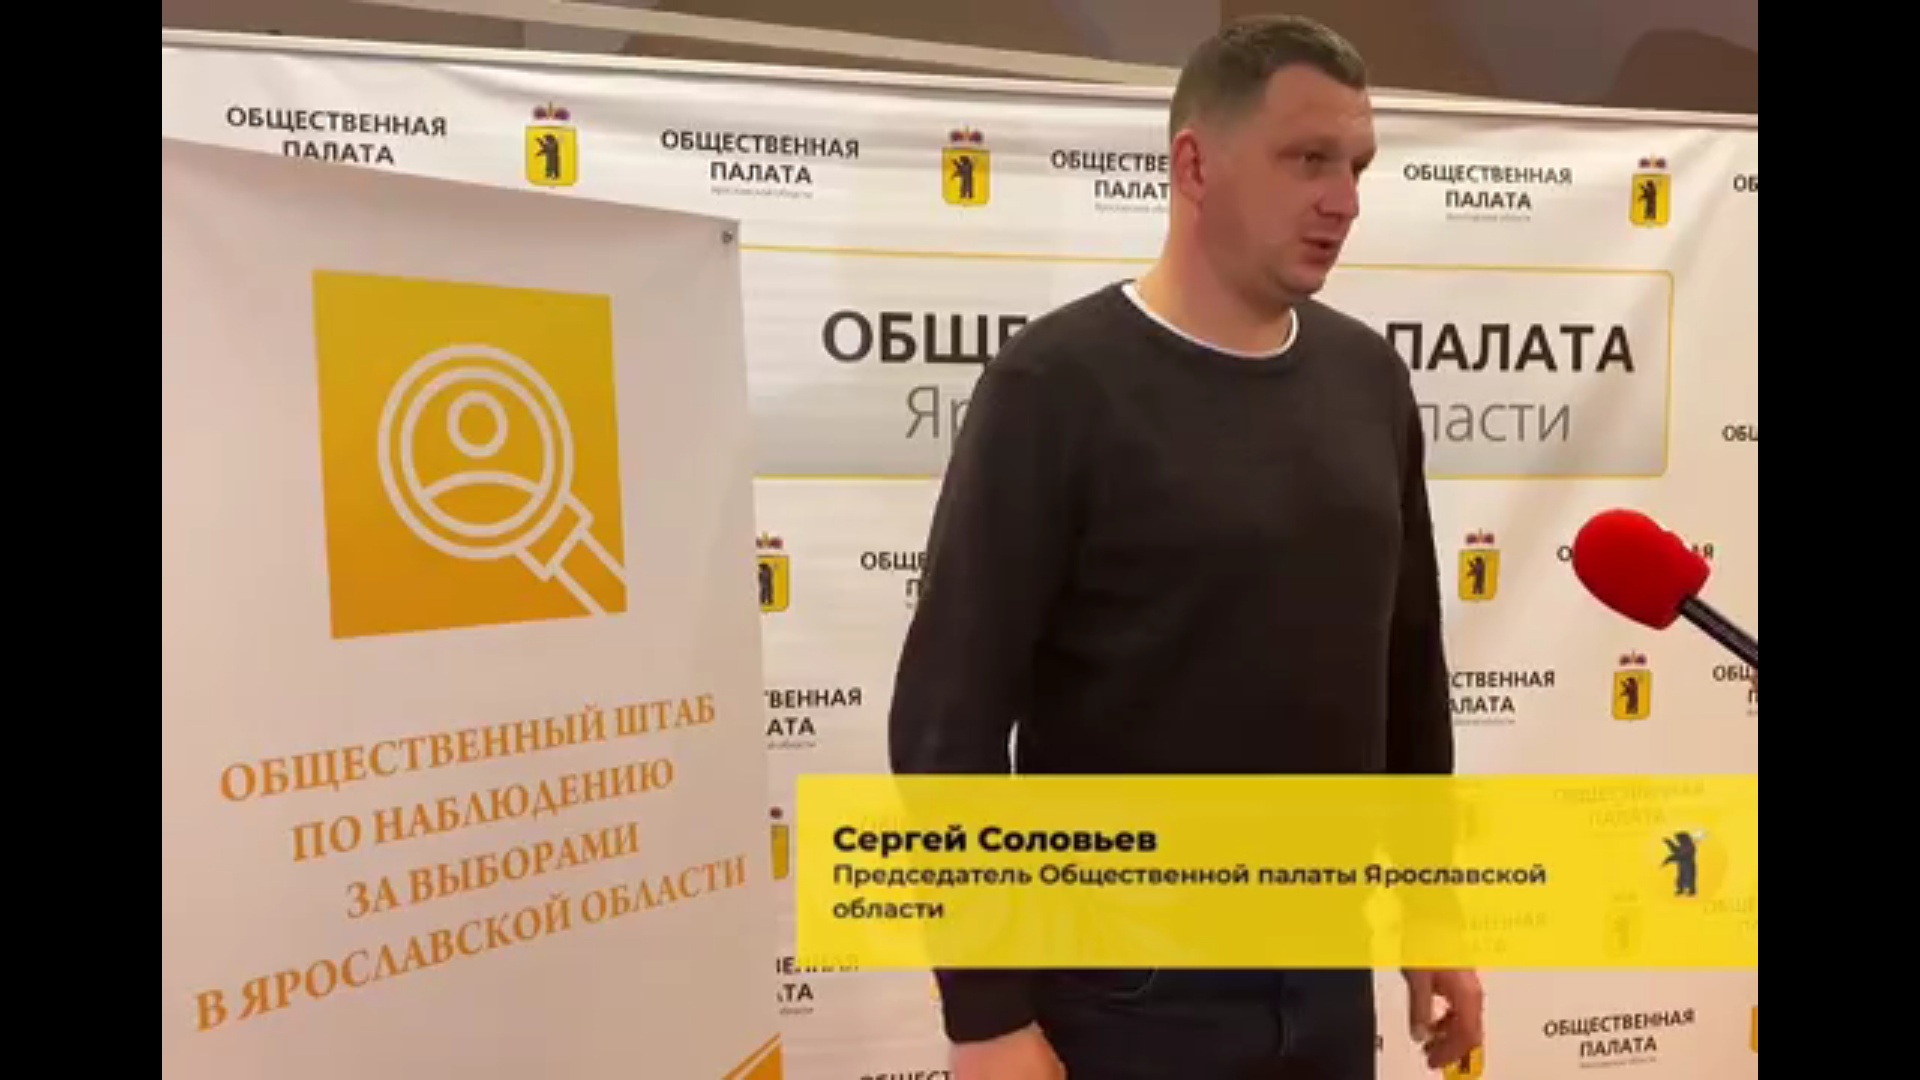 Председатель Общественной палаты о ходе выборов: серьезных нарушений на участках нет